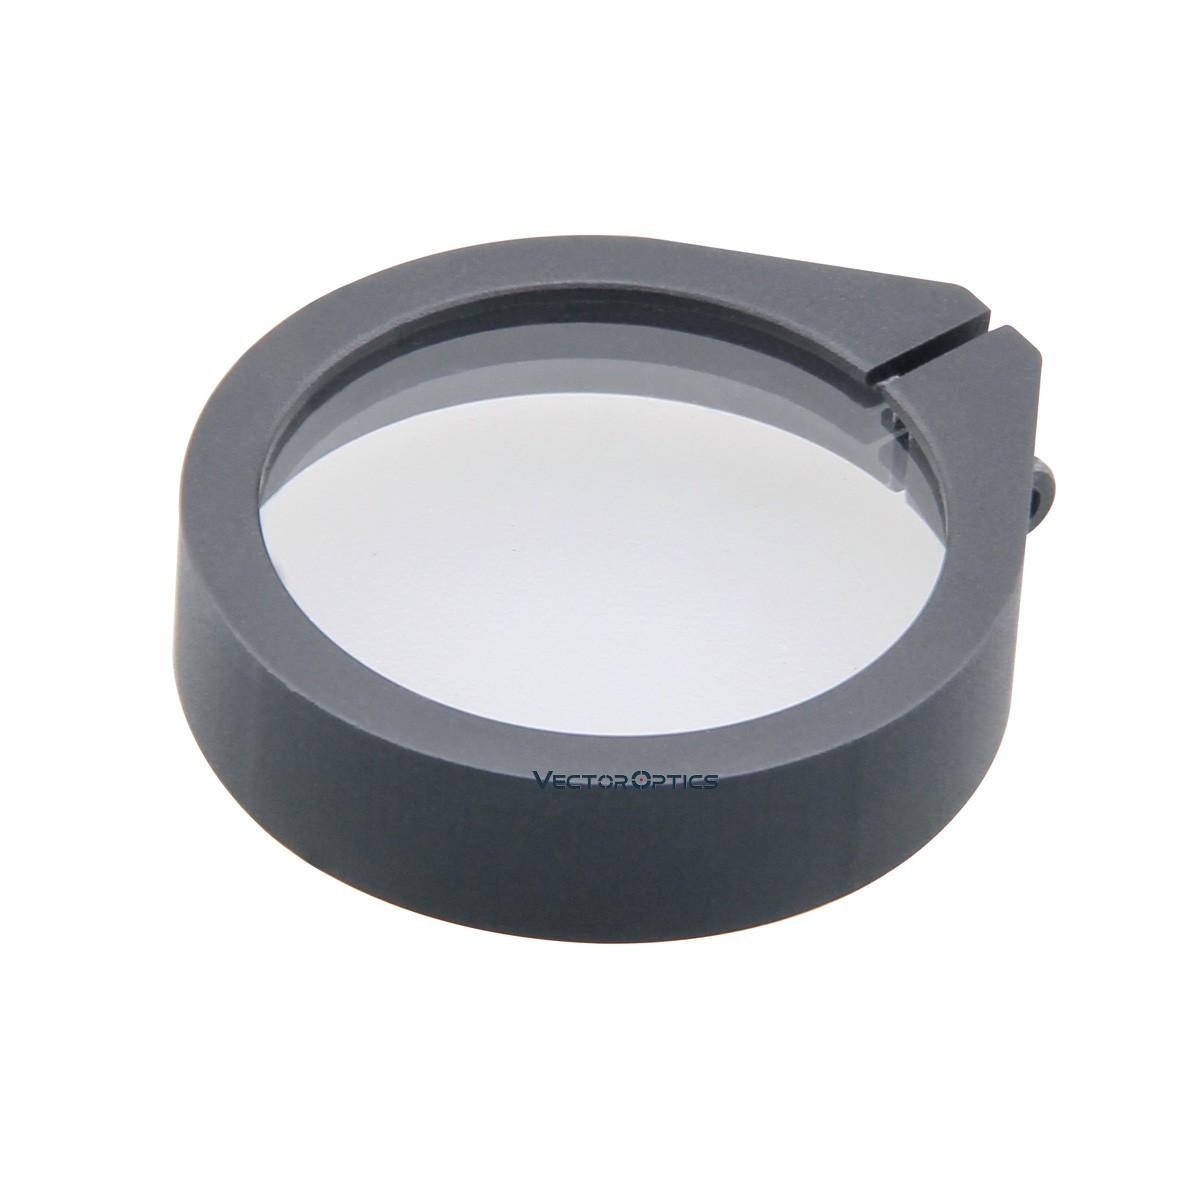 Capa de proteção D29A para Red Dot